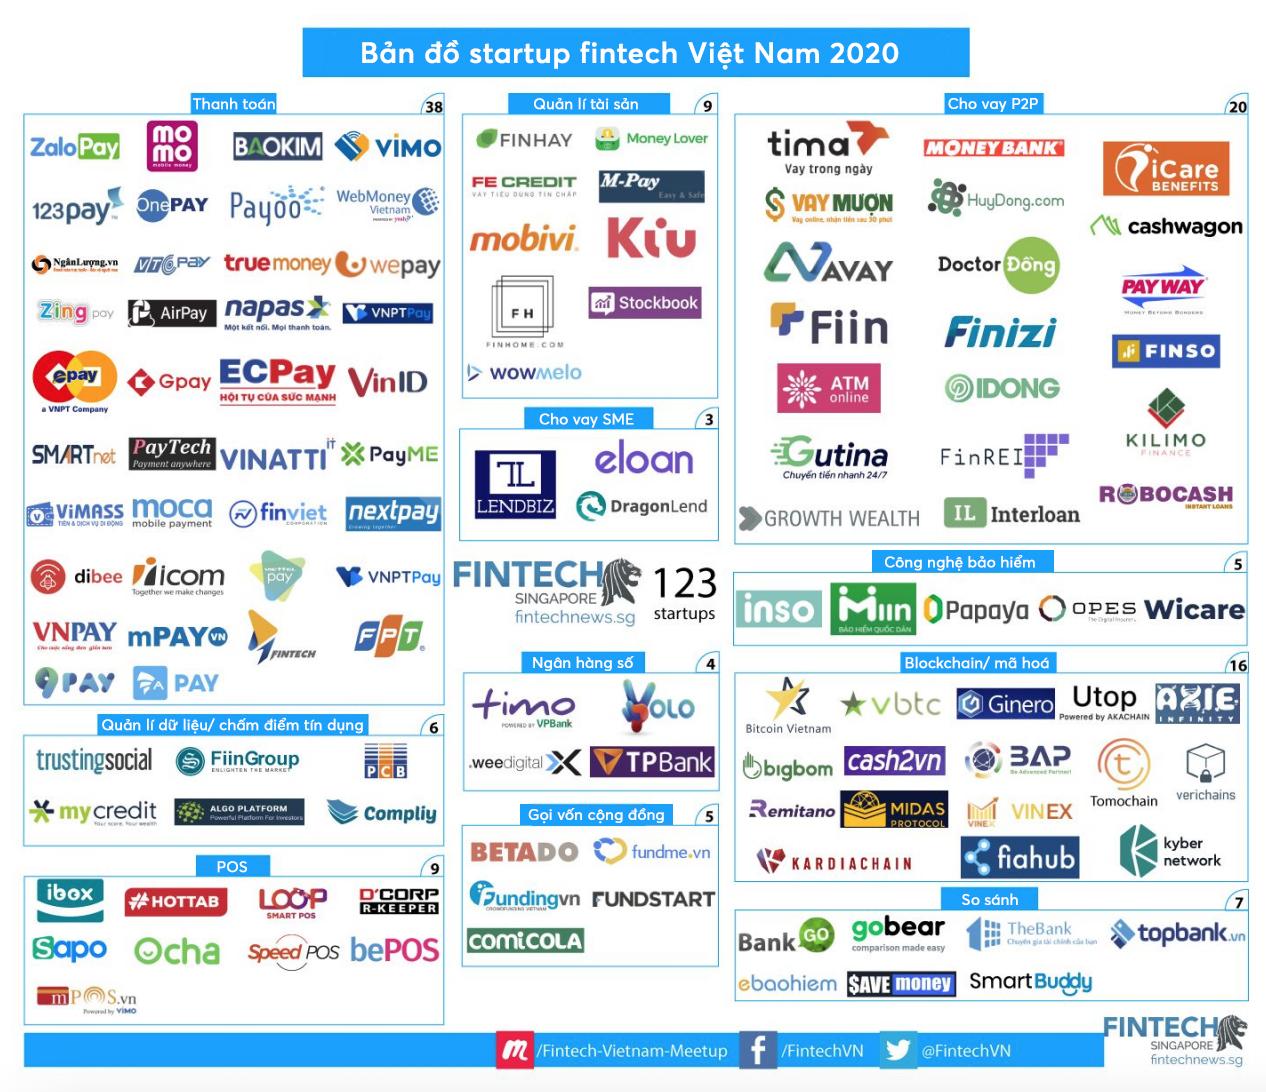 Số lượng startup fintech ở Việt Nam tăng 3 lần kể từ năm 2017 - Ảnh 1.